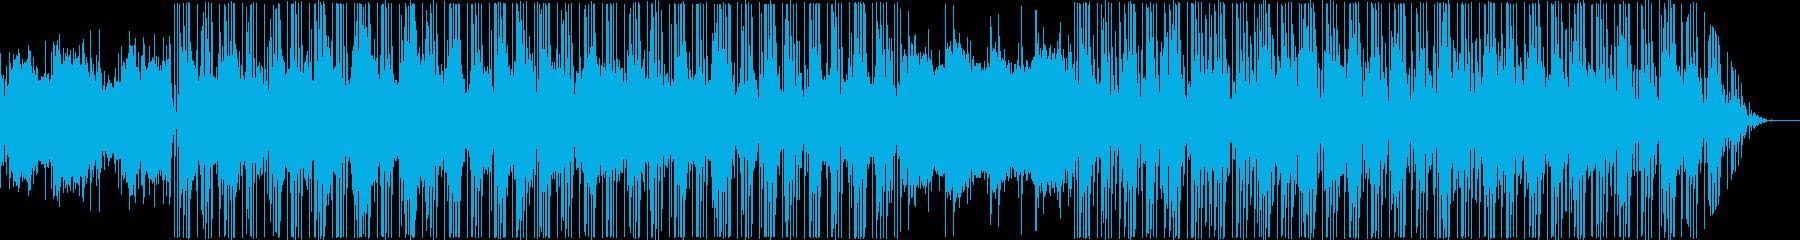 アジアンテイストのヒップホップの再生済みの波形